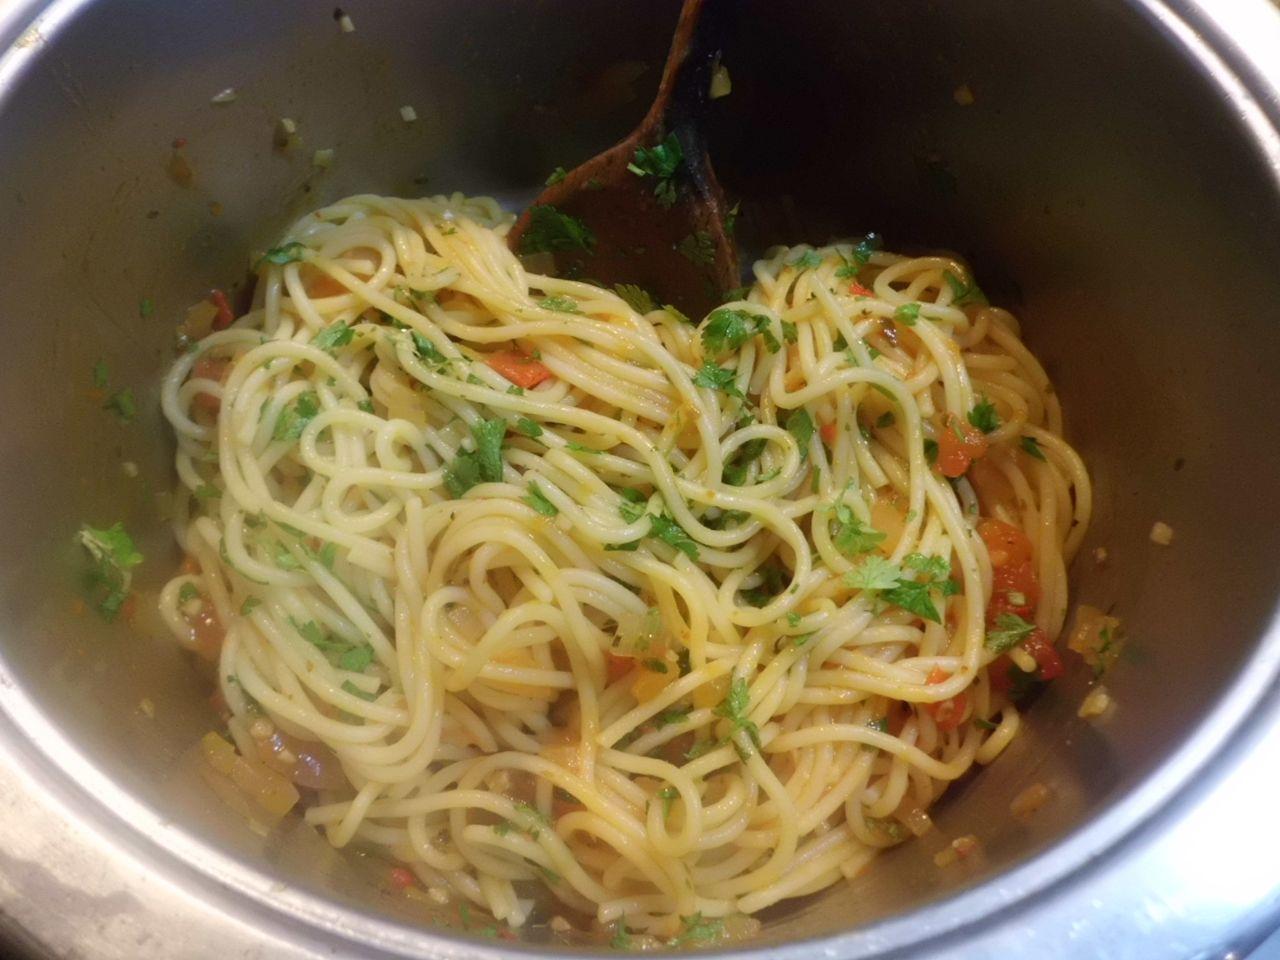 Spaghetti  unter die Arrabiata Soße und Kräuter heben